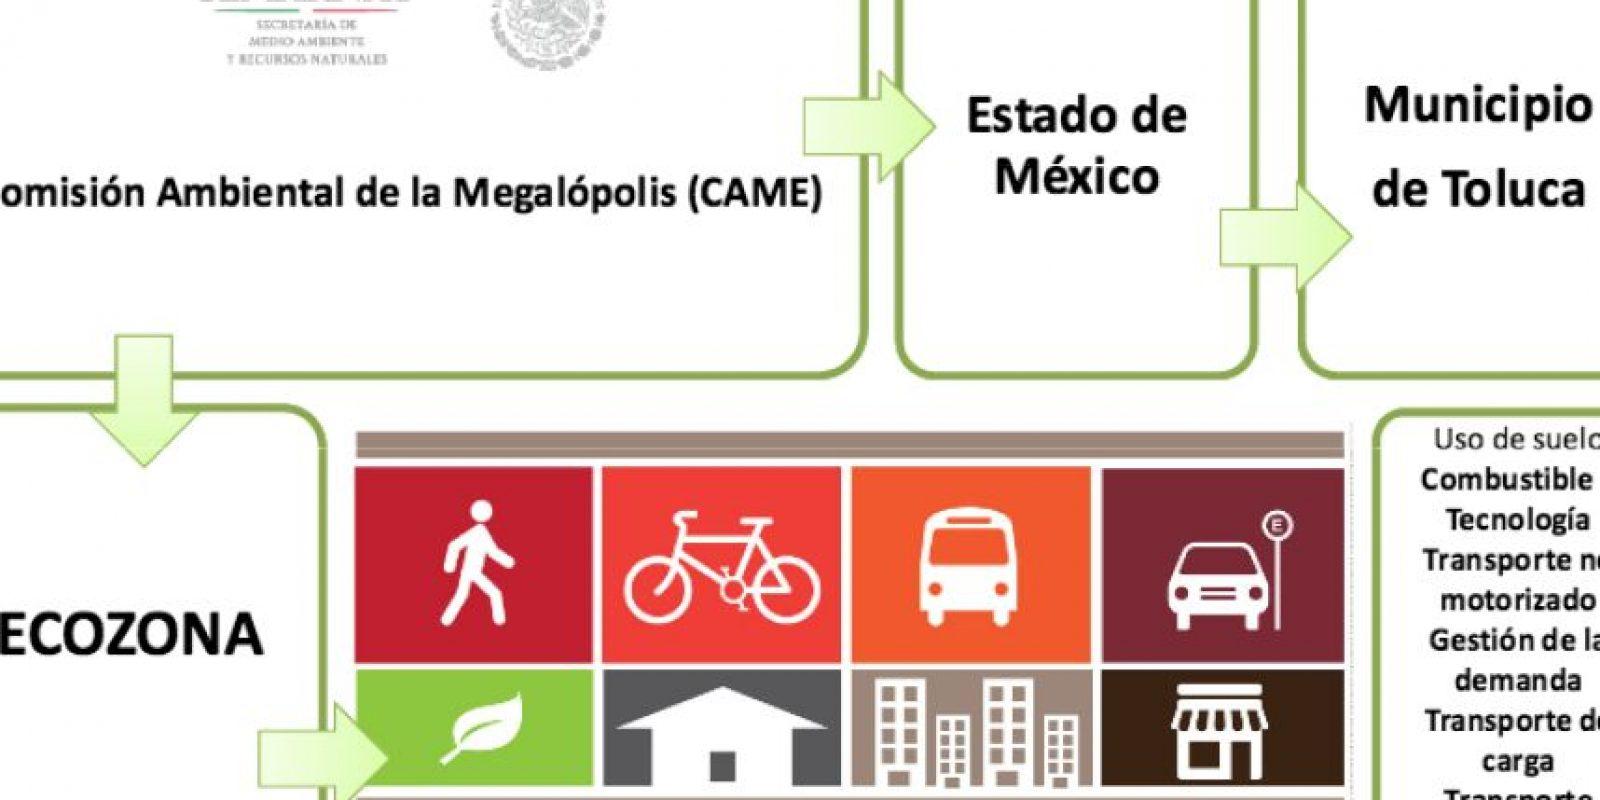 25 polígonos en la Megalópolis tienen potencial para crear Zonas de Bajas Emisiones Foto:Especial